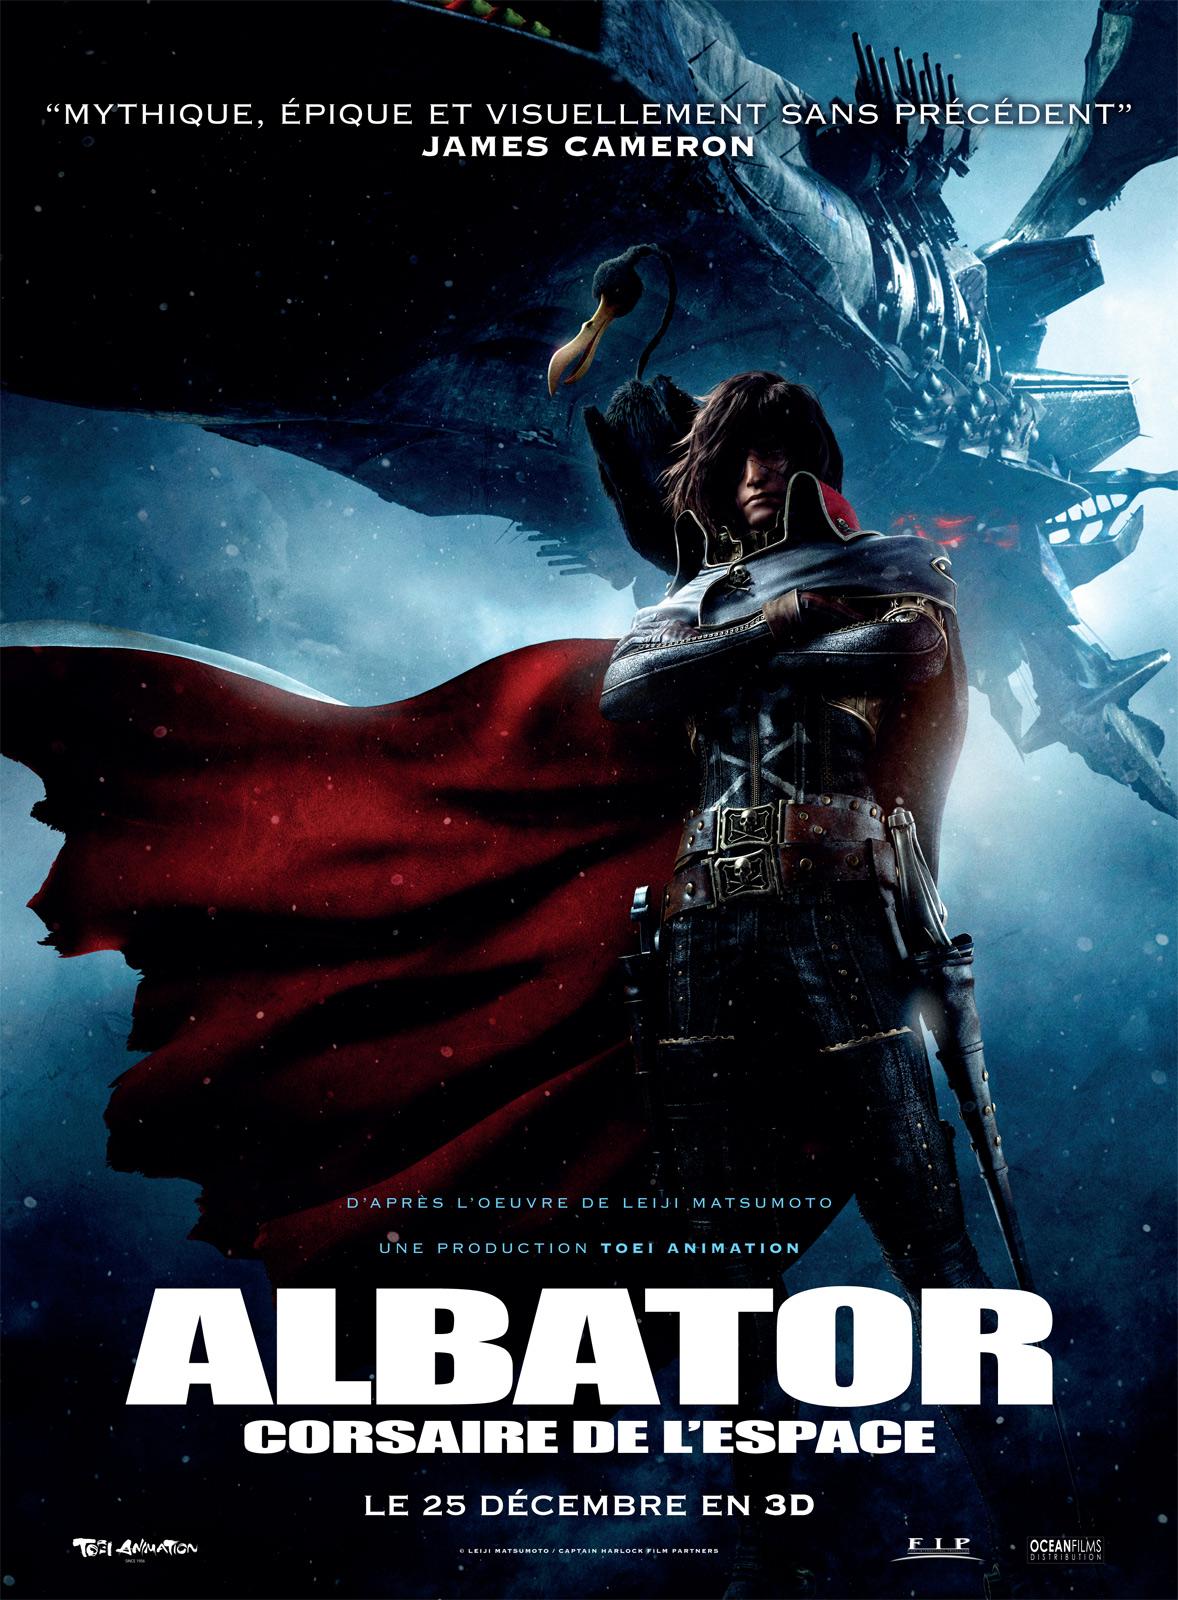 Albator, Corsaire de l'Espace - Affiche